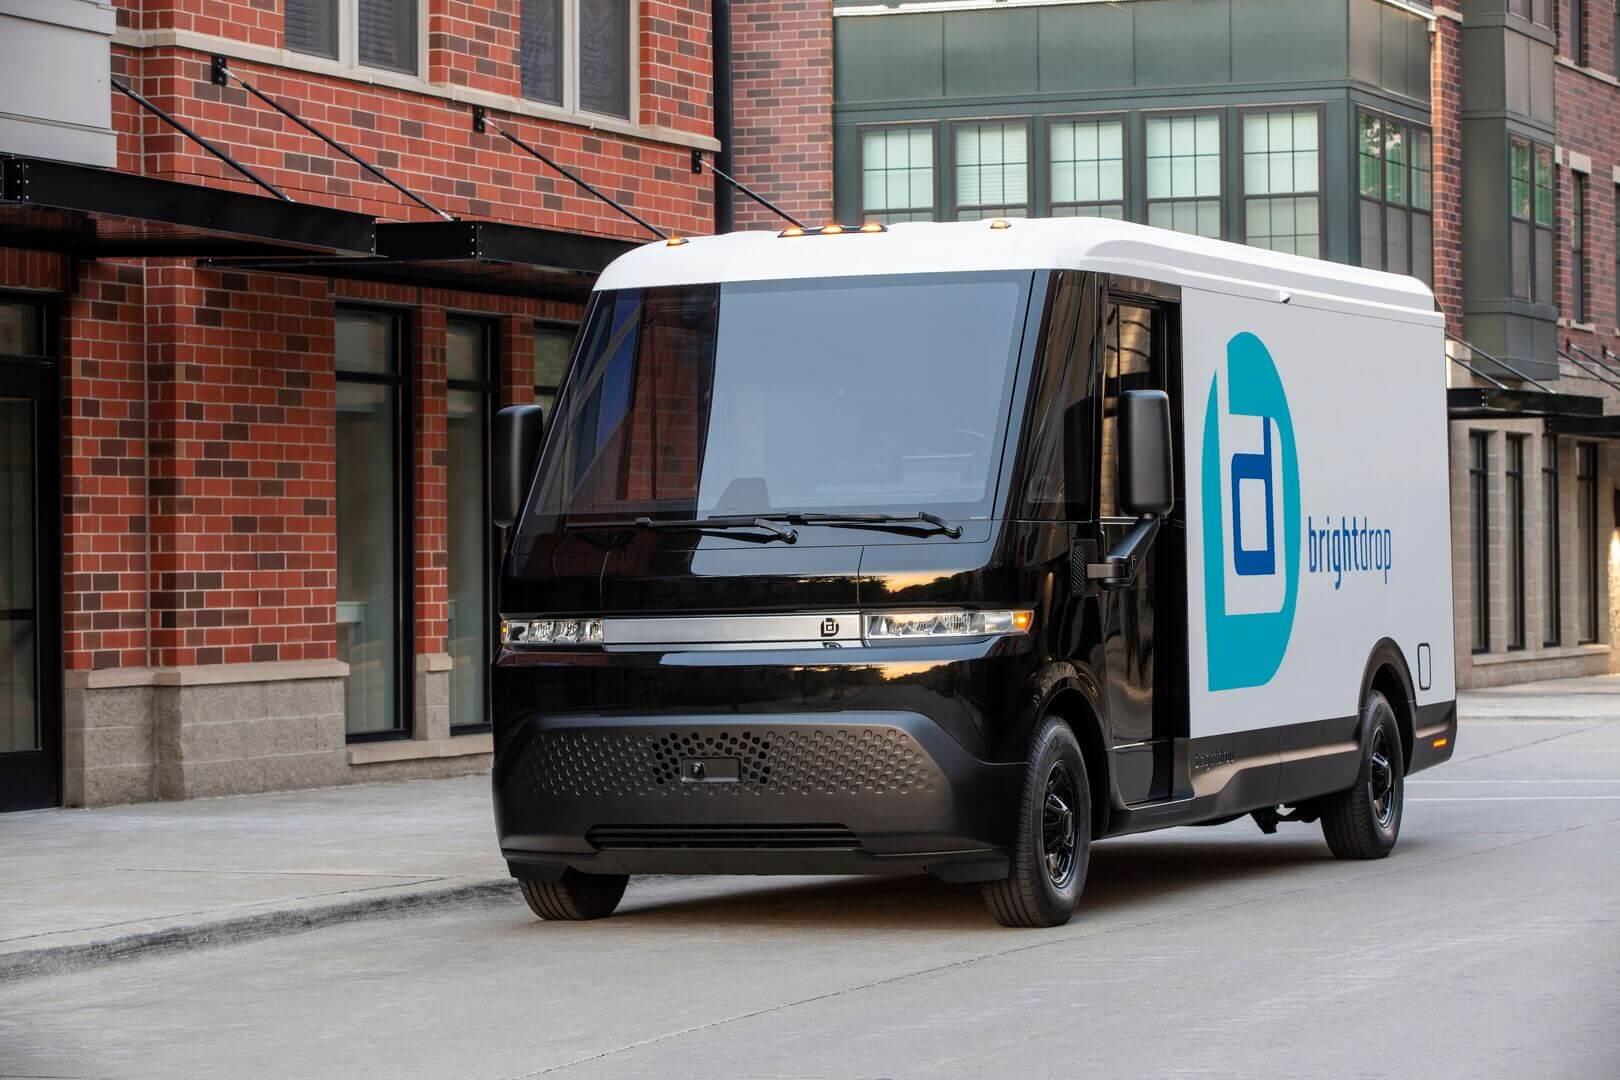 GMначинает производство электрического автофургона BrightDrop EV600 ипредставляет более короткую модель EV410